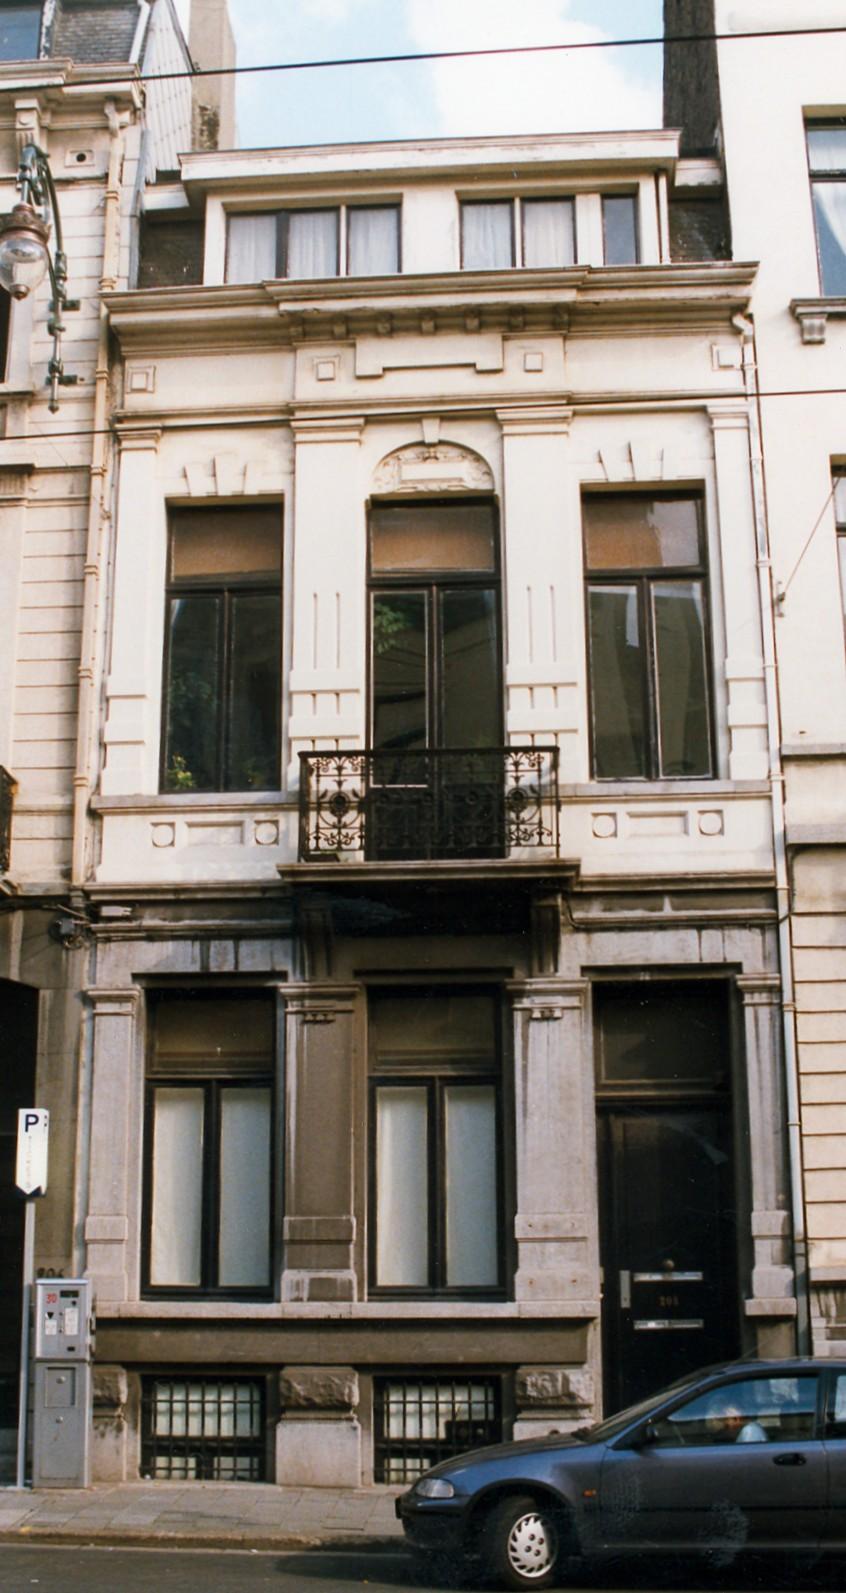 Chaussée de Charleroi 208., 1998